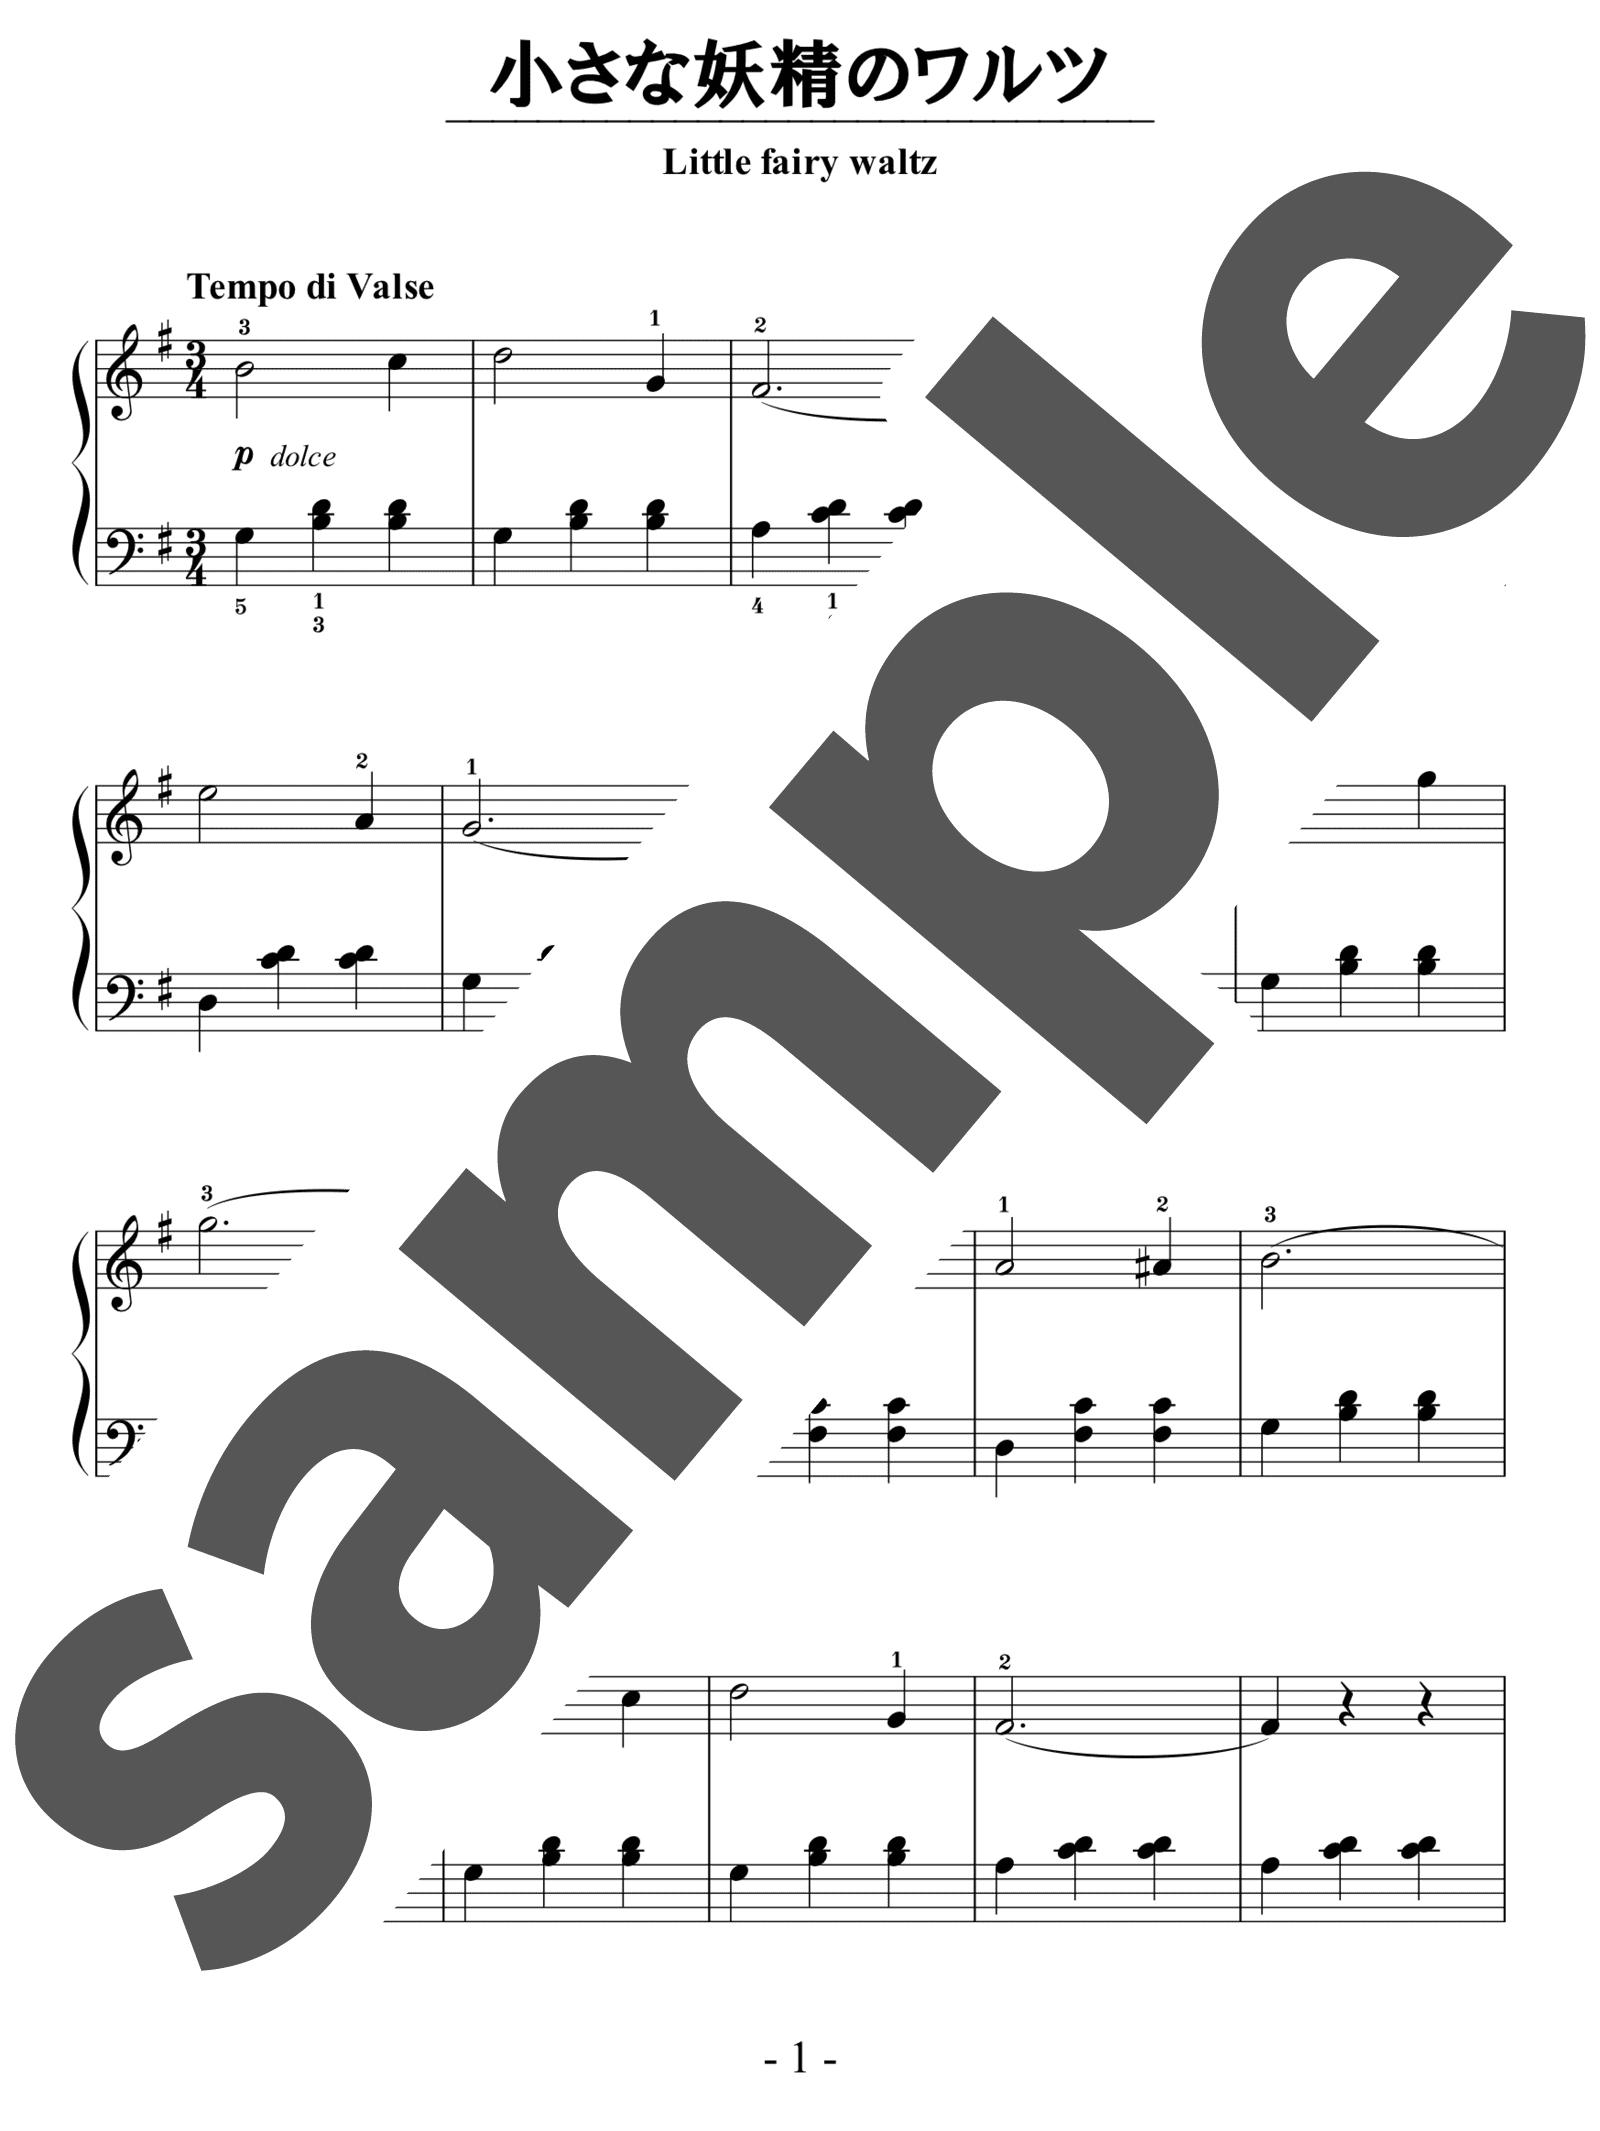 「小さな妖精のワルツ」のサンプル楽譜